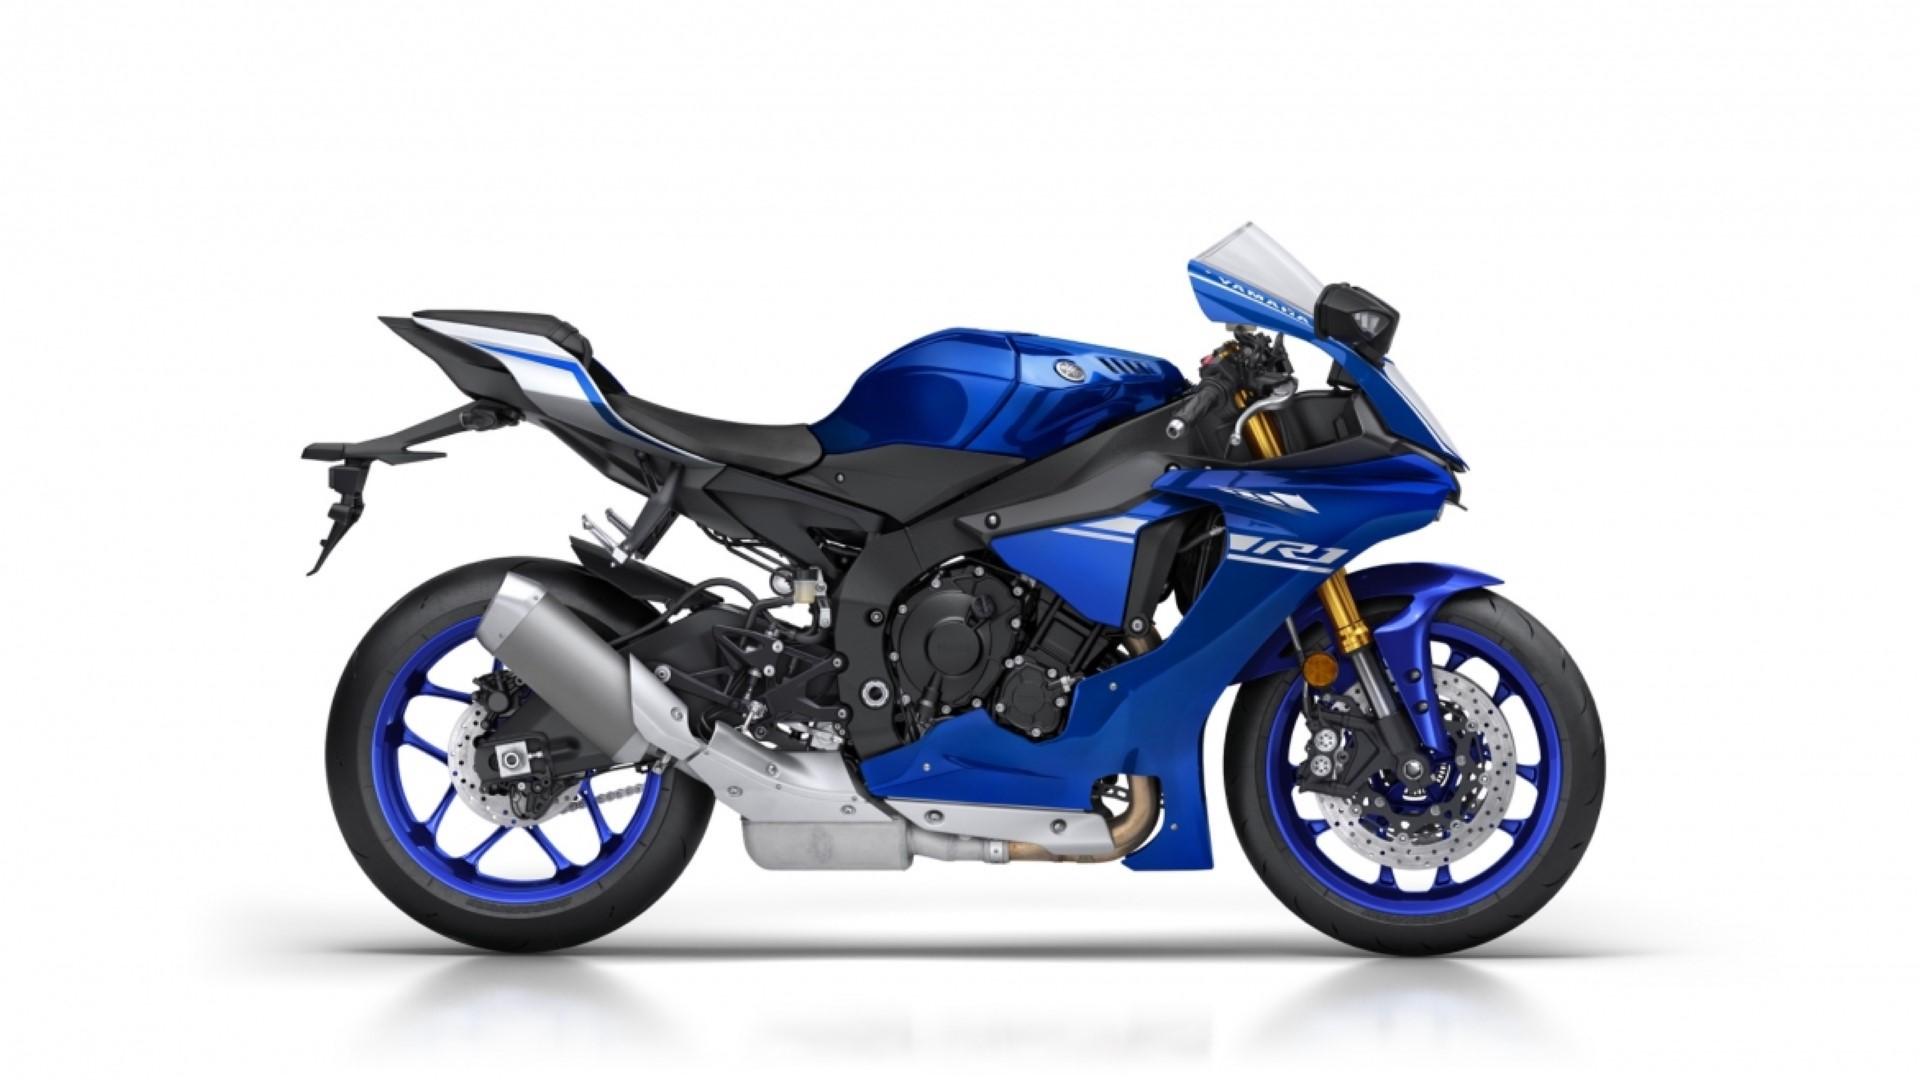 La Yamaha YZF-R1 gana el premio a mejor diseño en Alemania